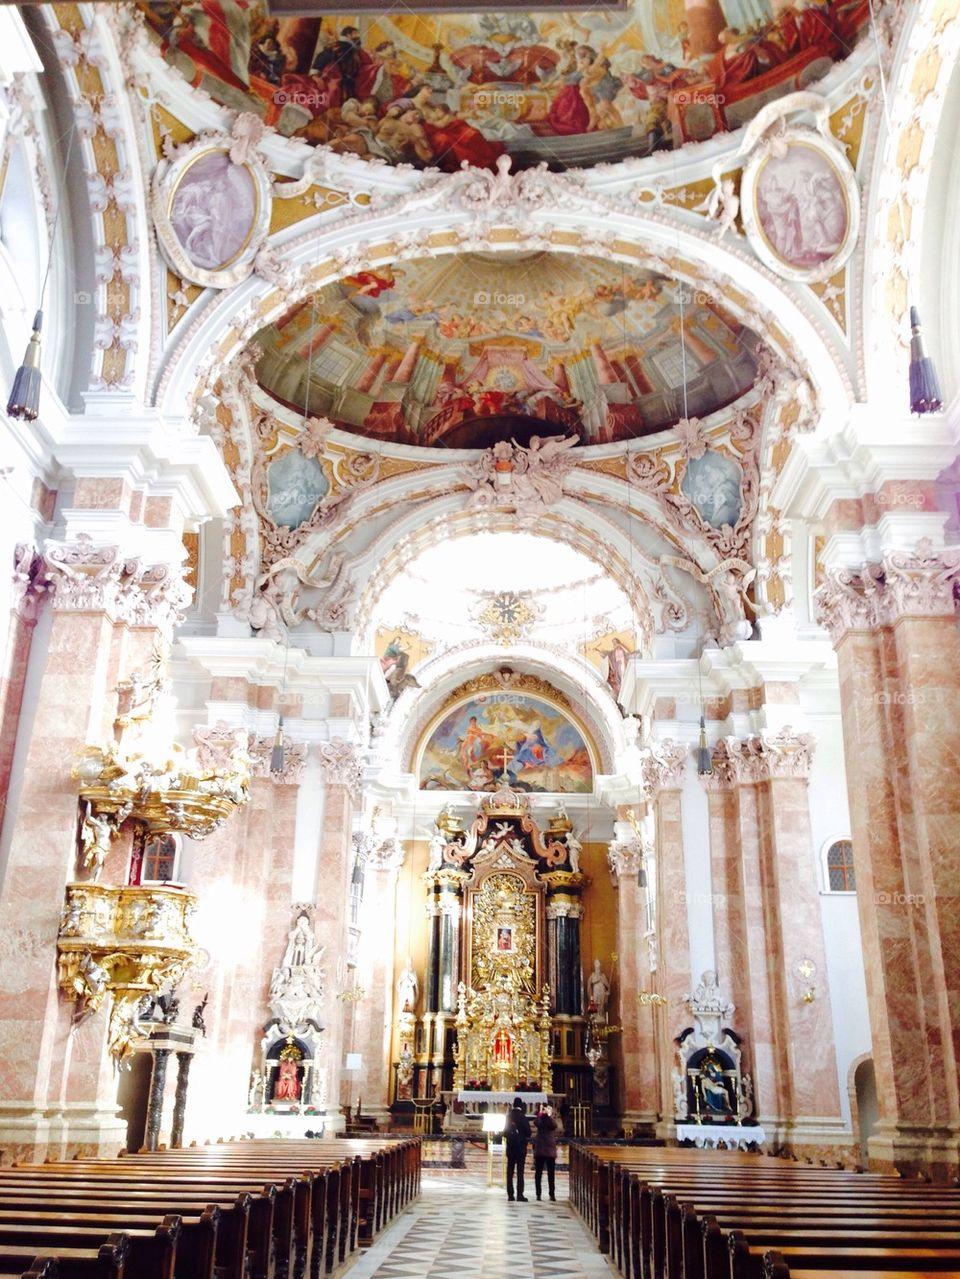 interior of church in Innsbruck